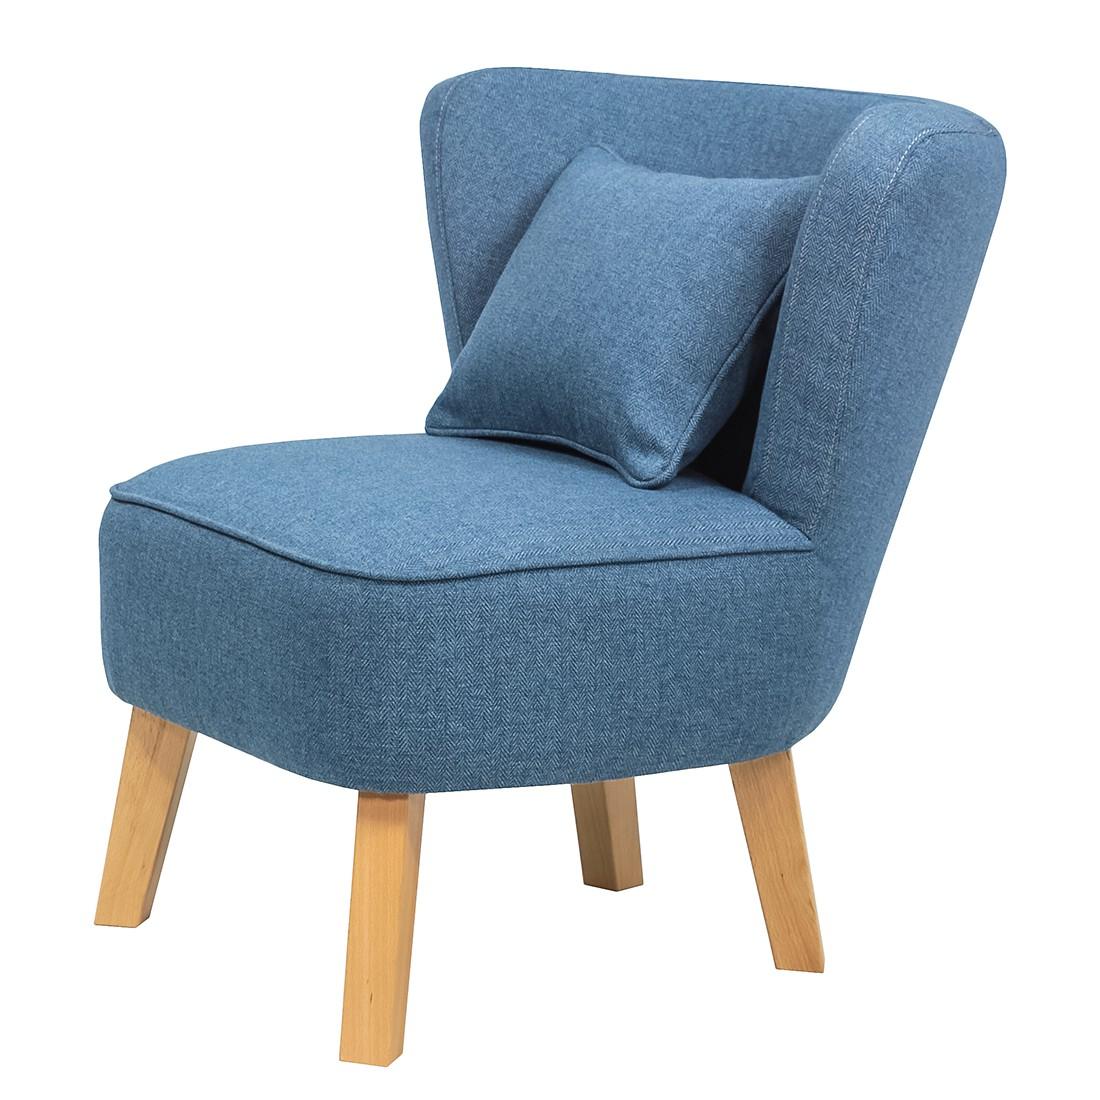 Fauteuil Oistins - Tissu - Bleu, Morteens